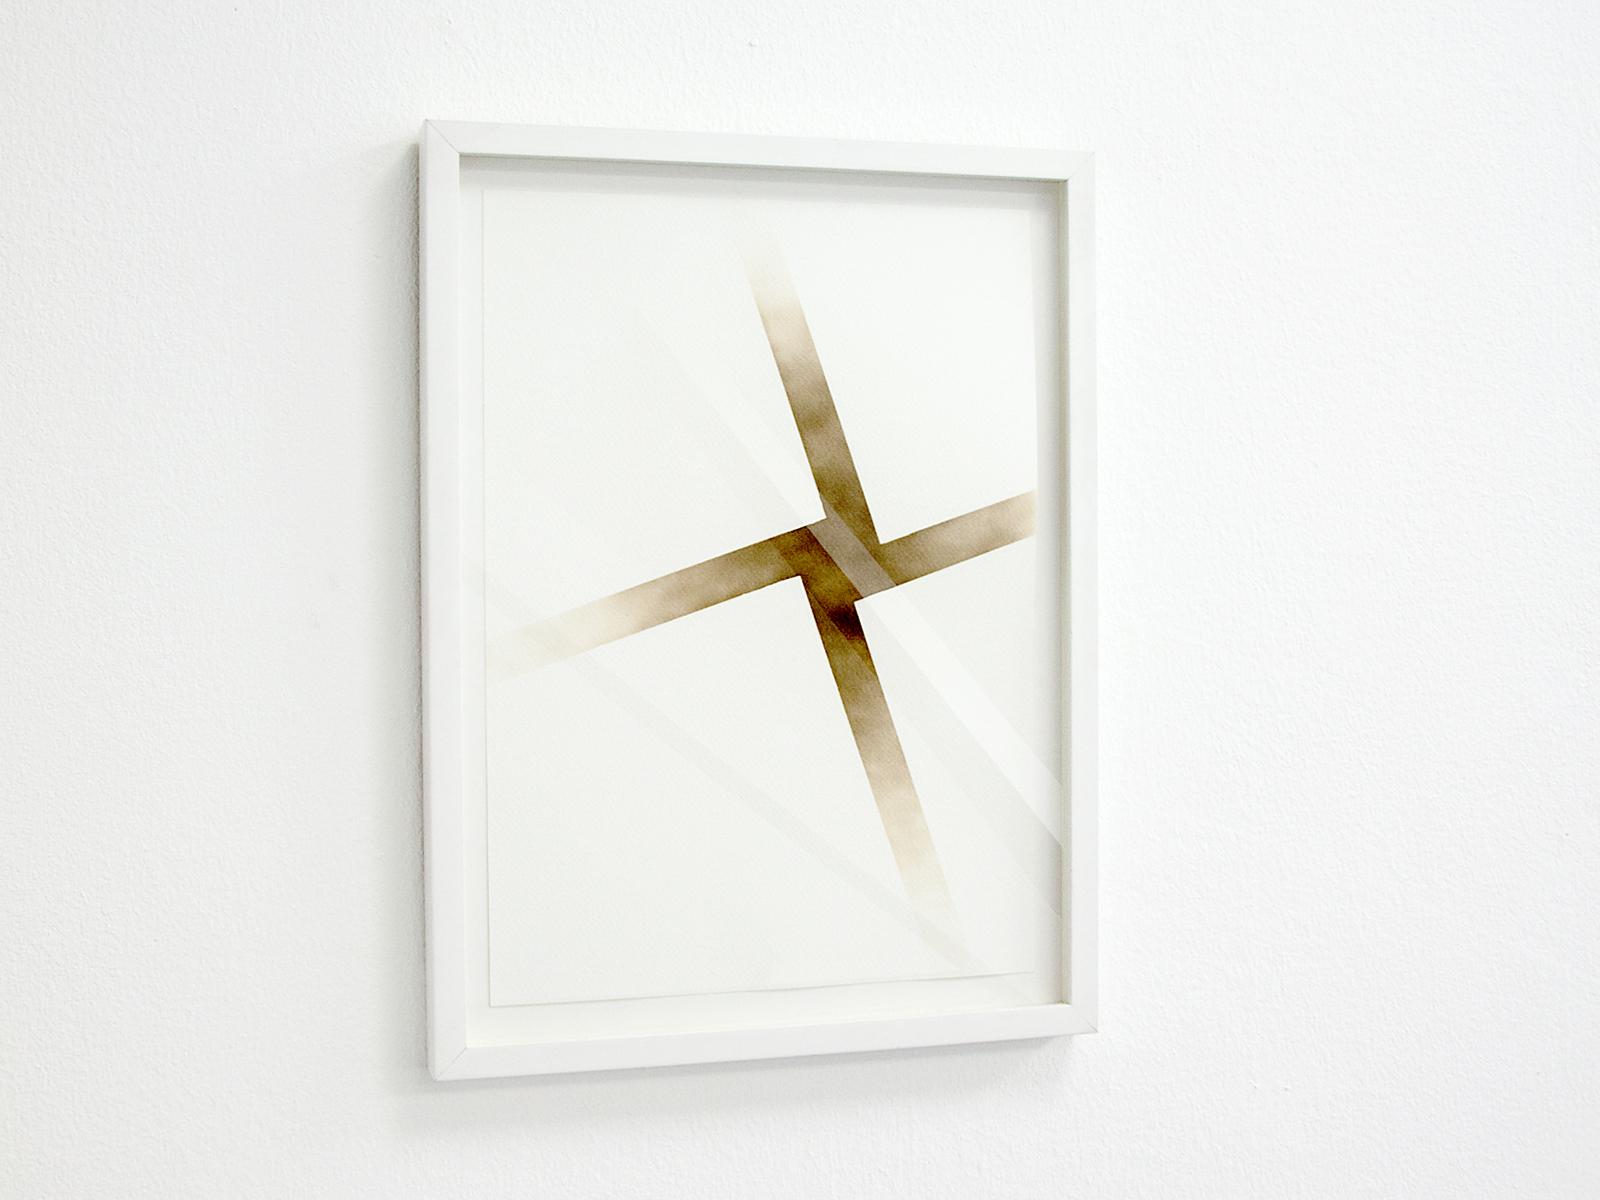 Benoit-Delaunay-artiste-installations-2010-Une Sculpture-05